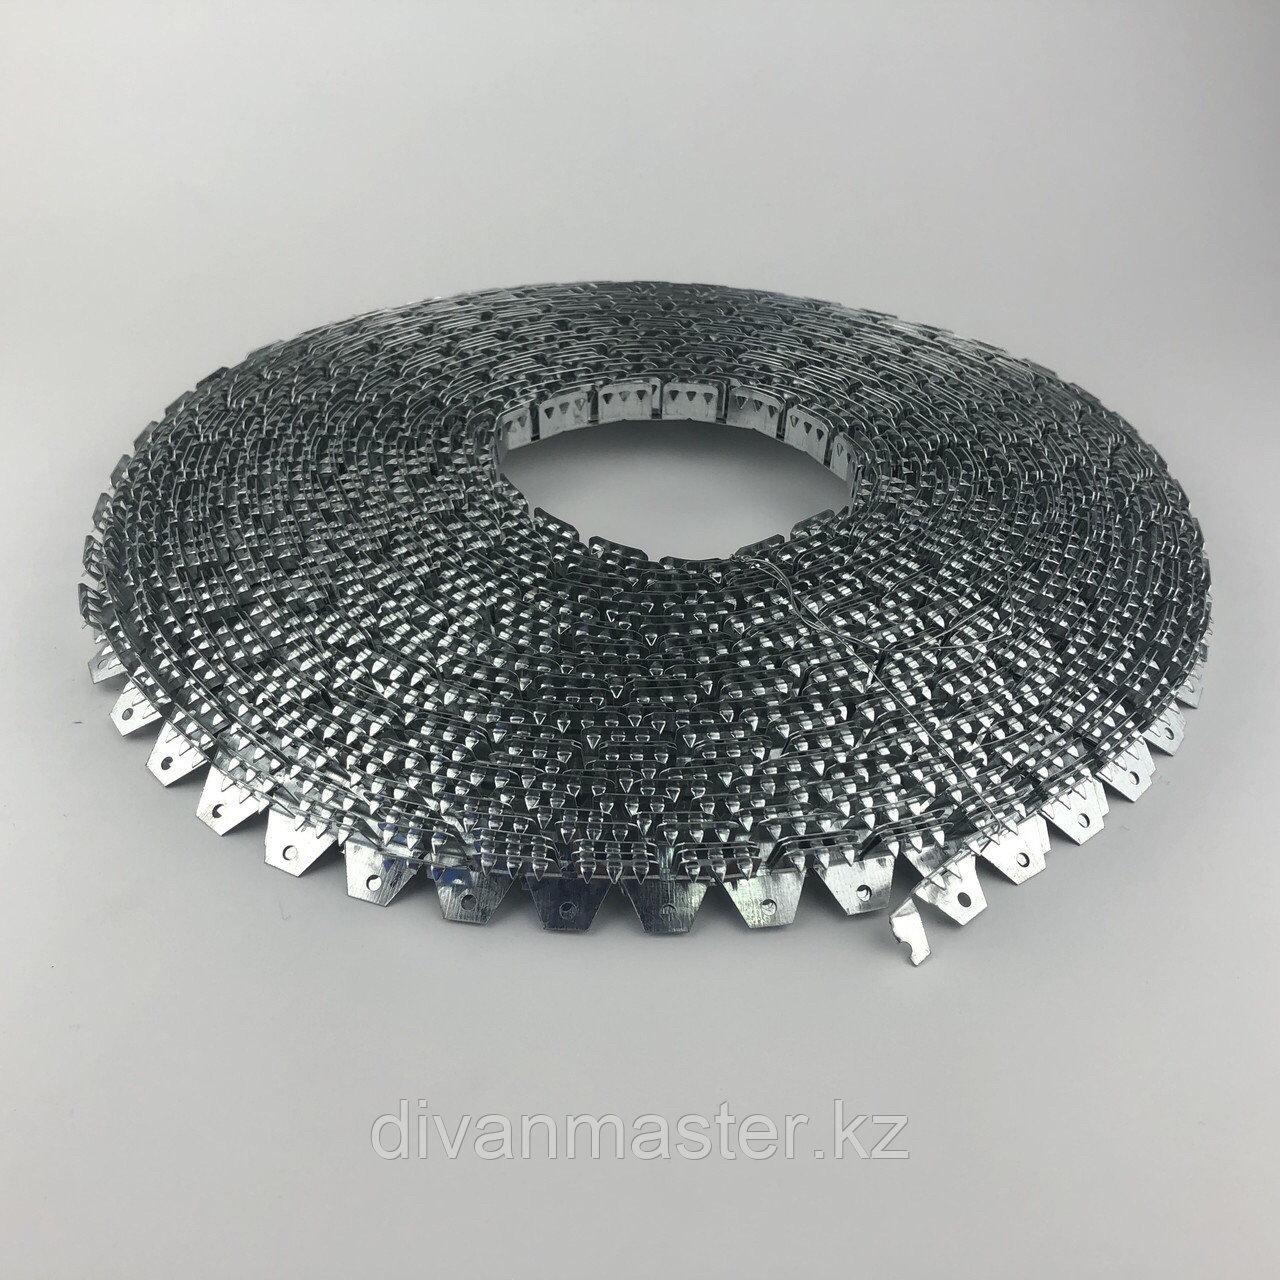 Лента скрытого шва для обивки мягкой мебели, 20 метров, толщина 0,35 мм